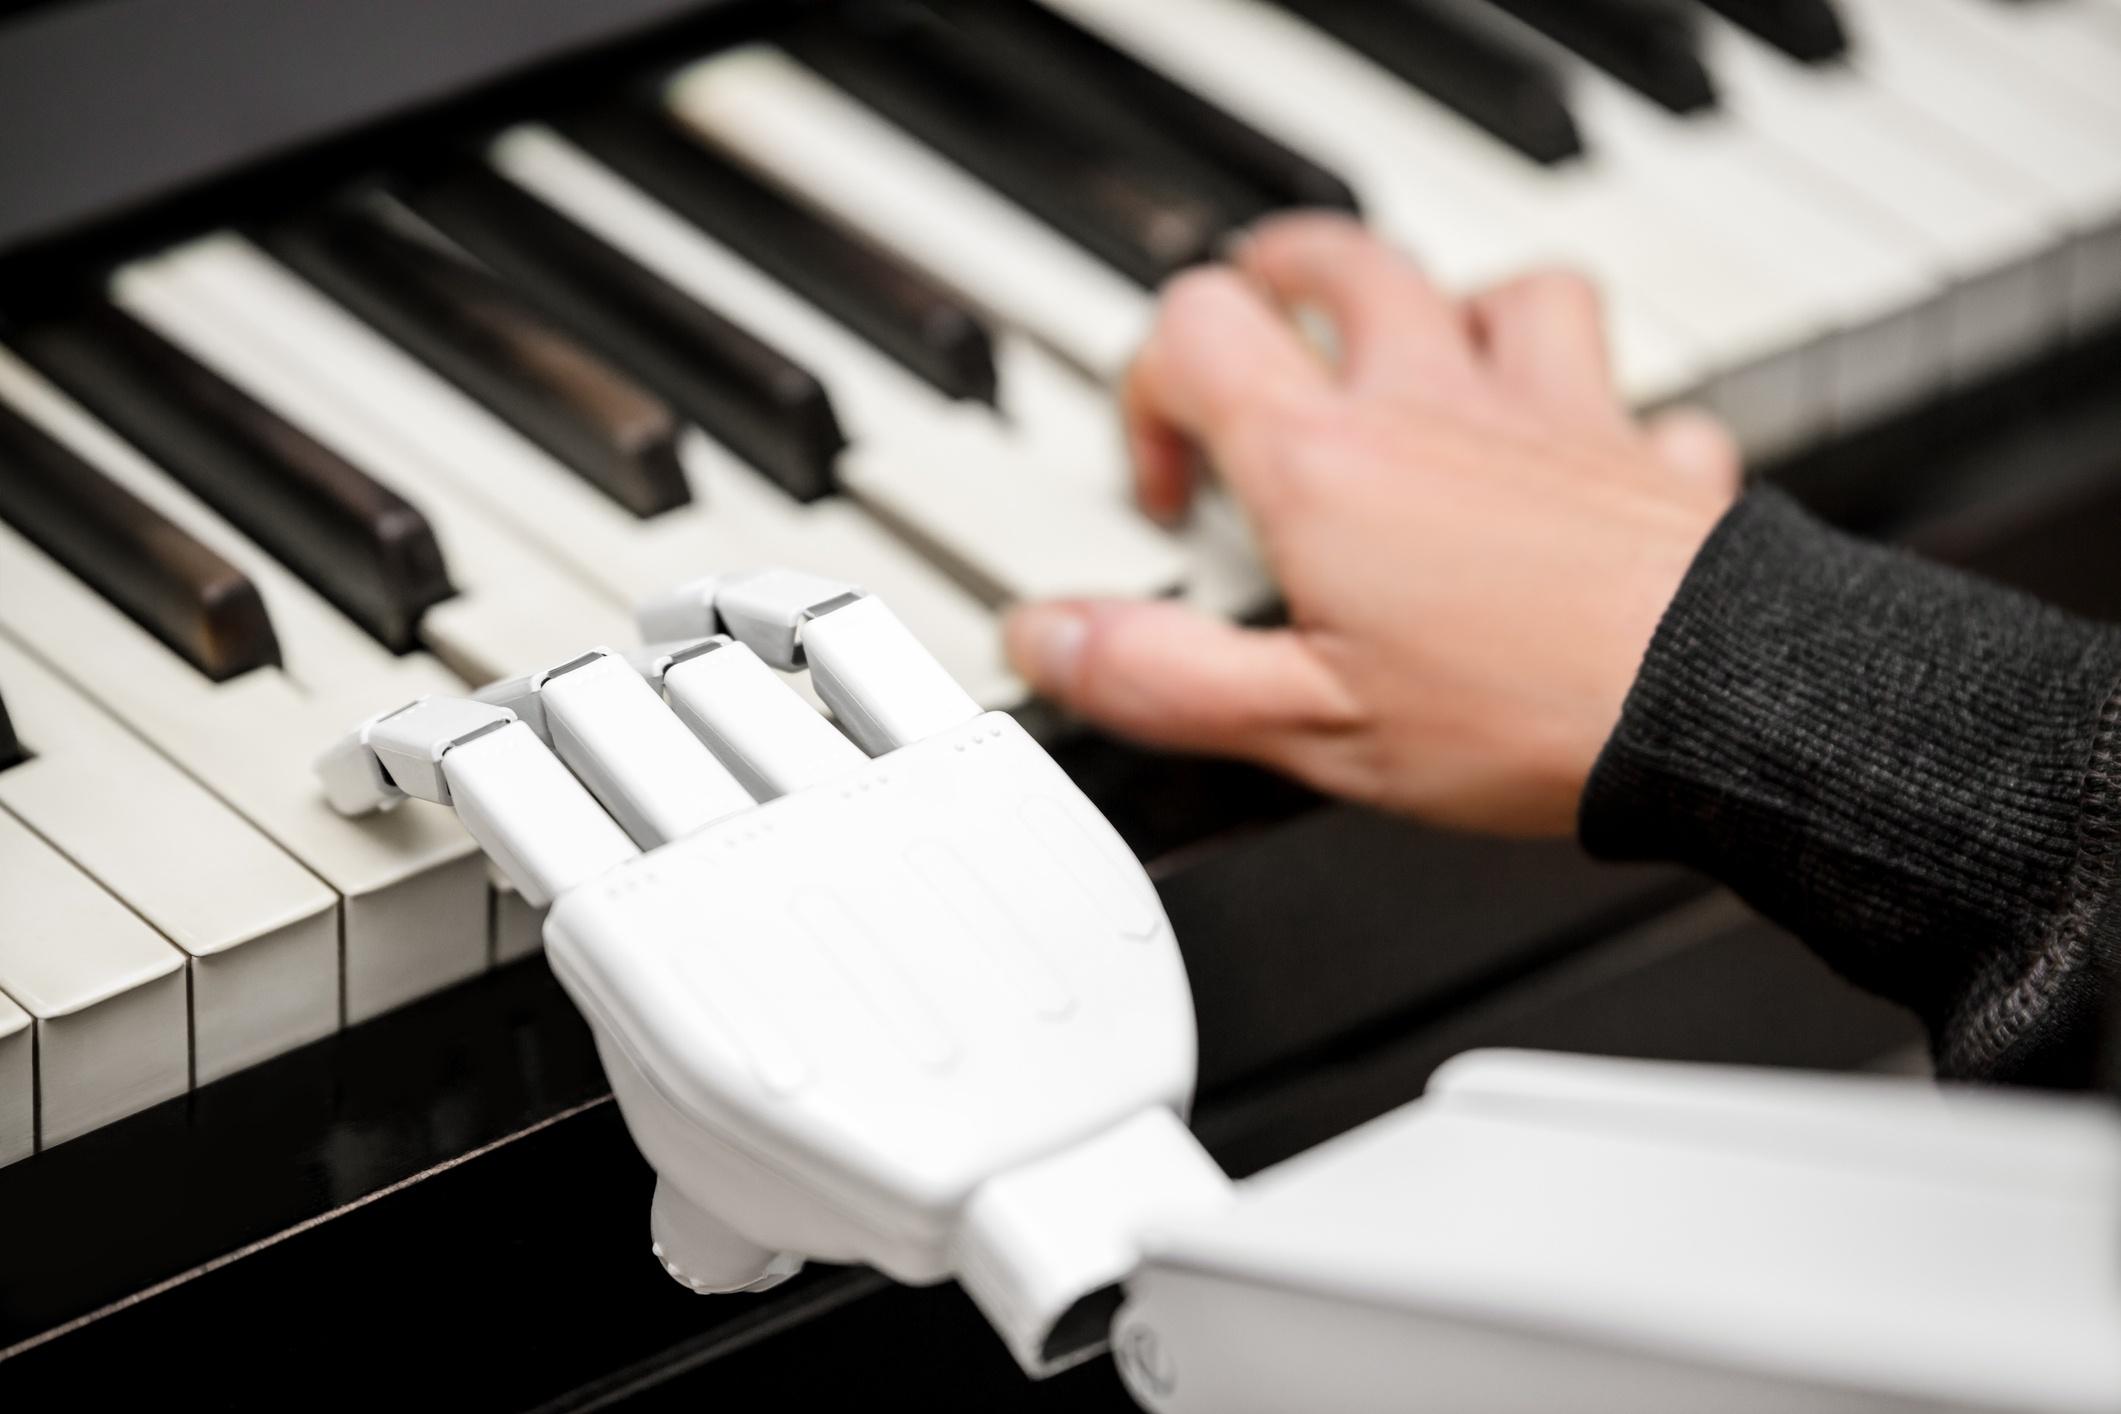 Humanos y robots aumentan la productividad empresarial cuando trabajan juntos